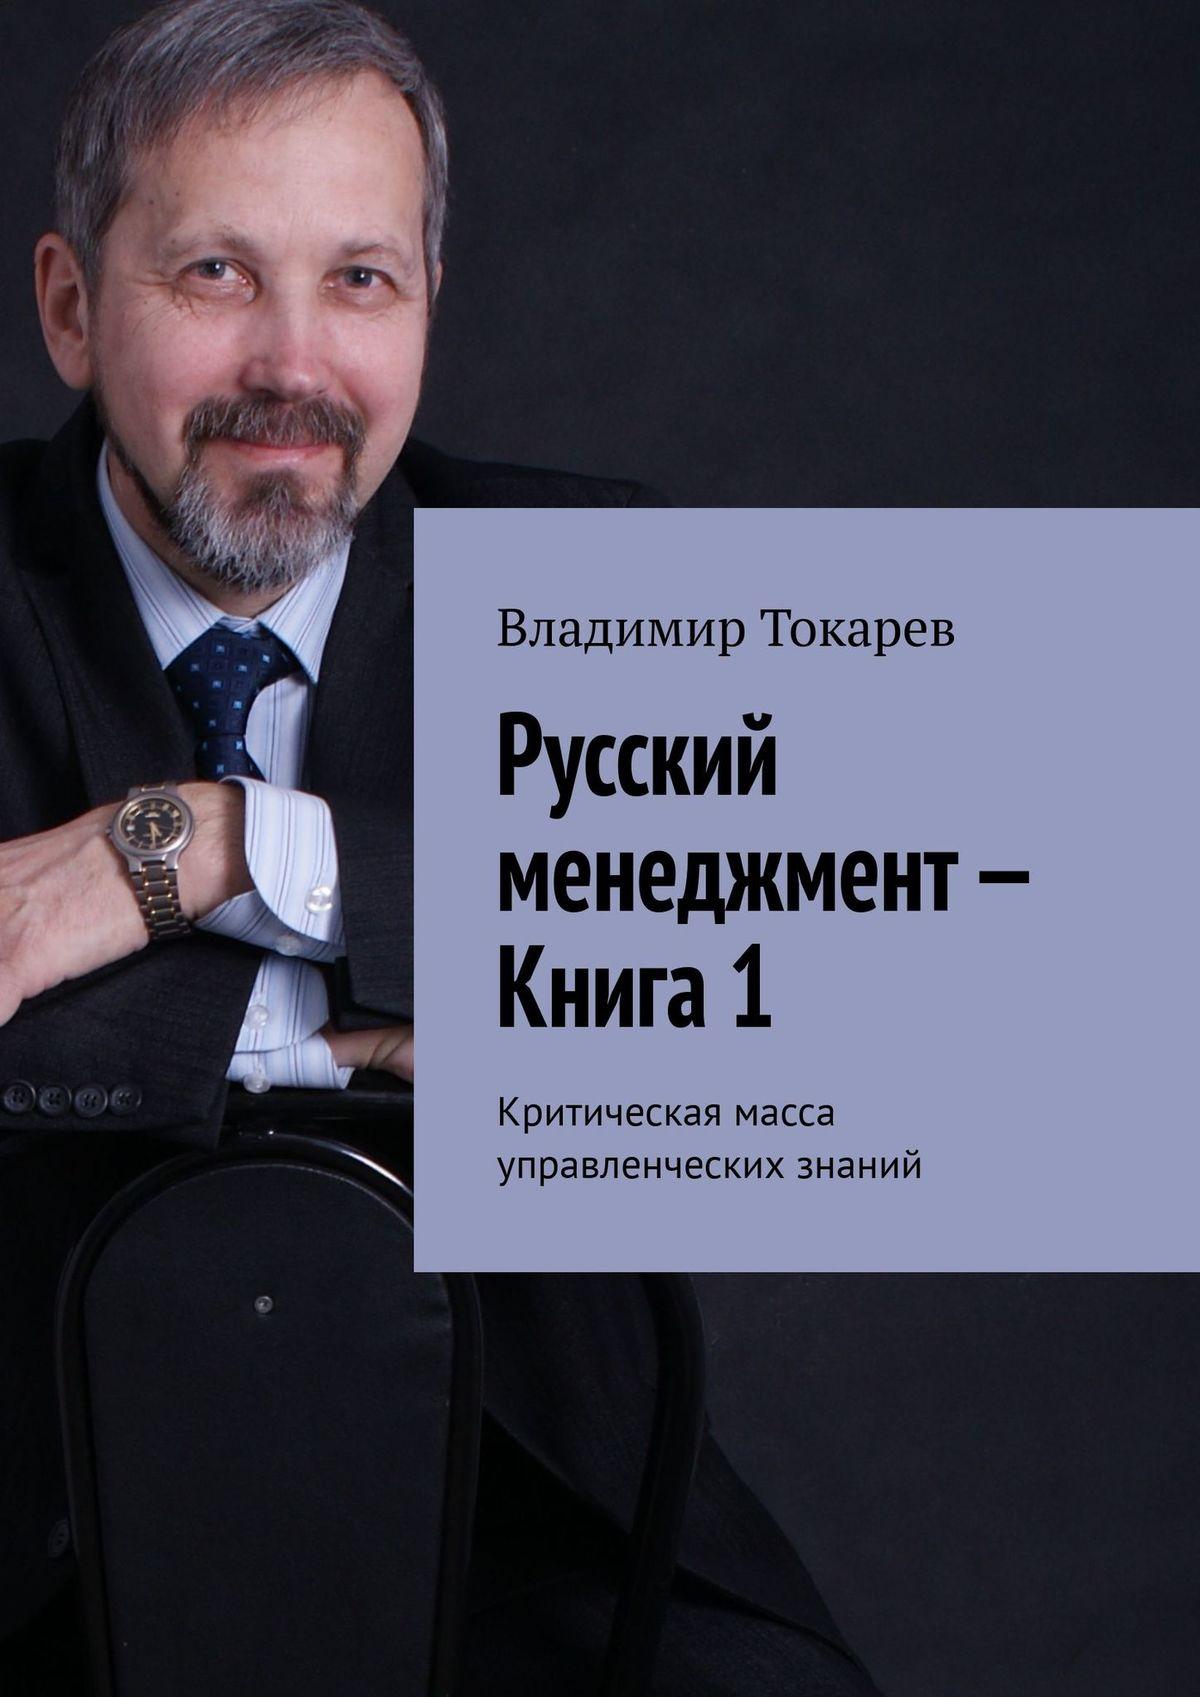 Владимир Токарев Русский менеджмент – Книга1. Критическая масса управленческих знаний